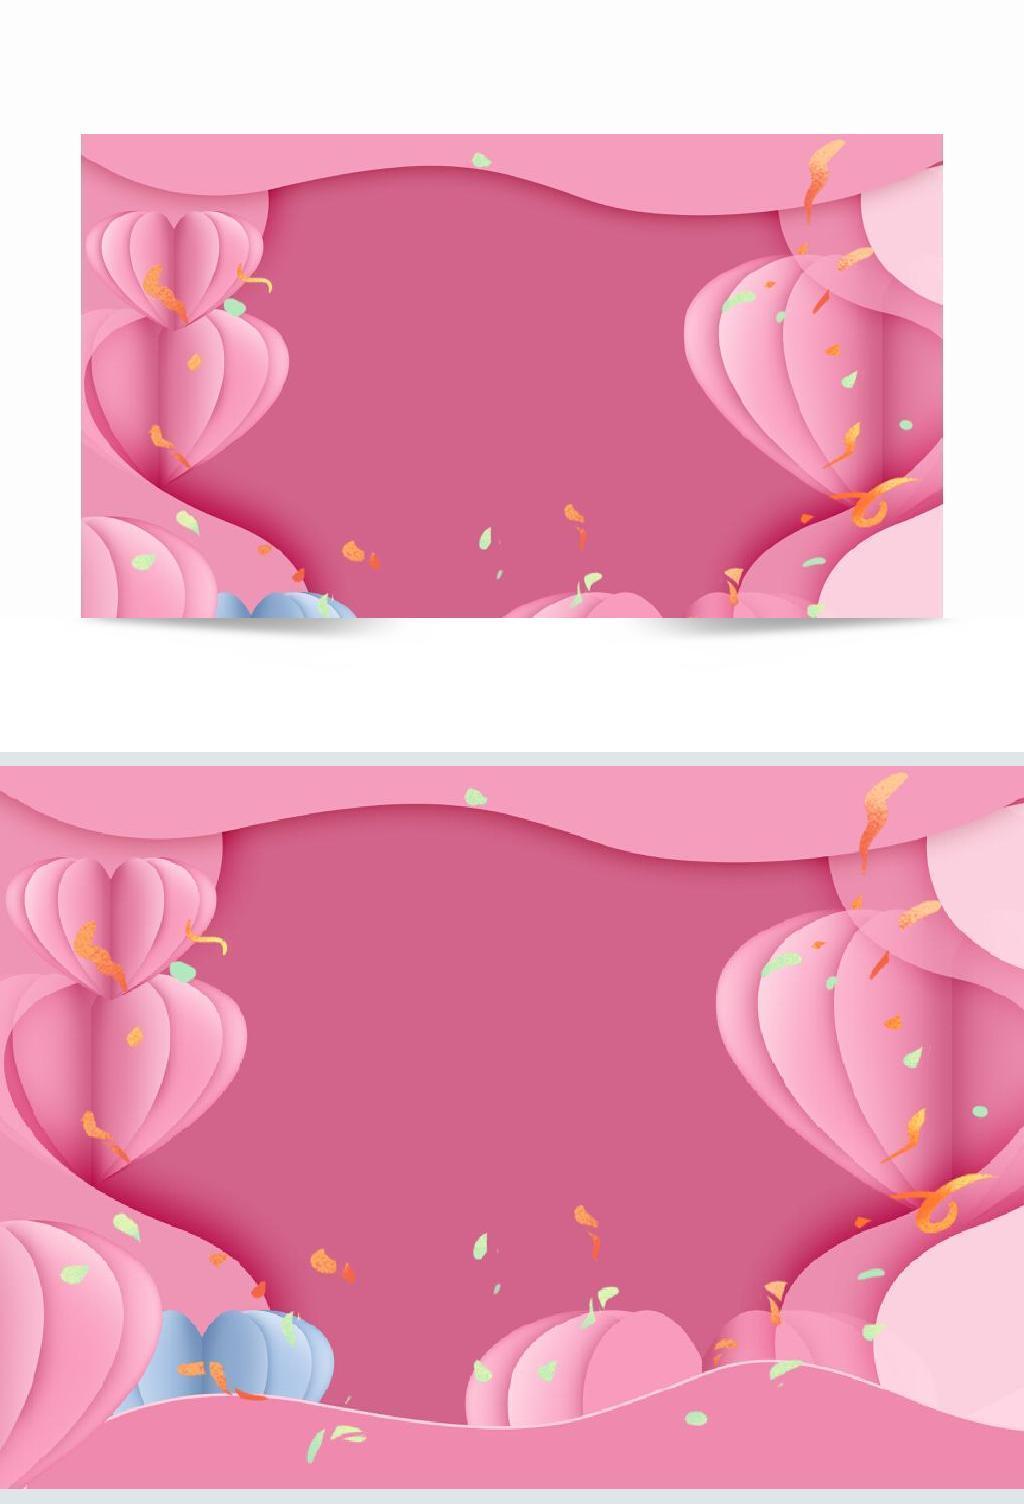 粉色立体爱心简约可爱情人节背景素材